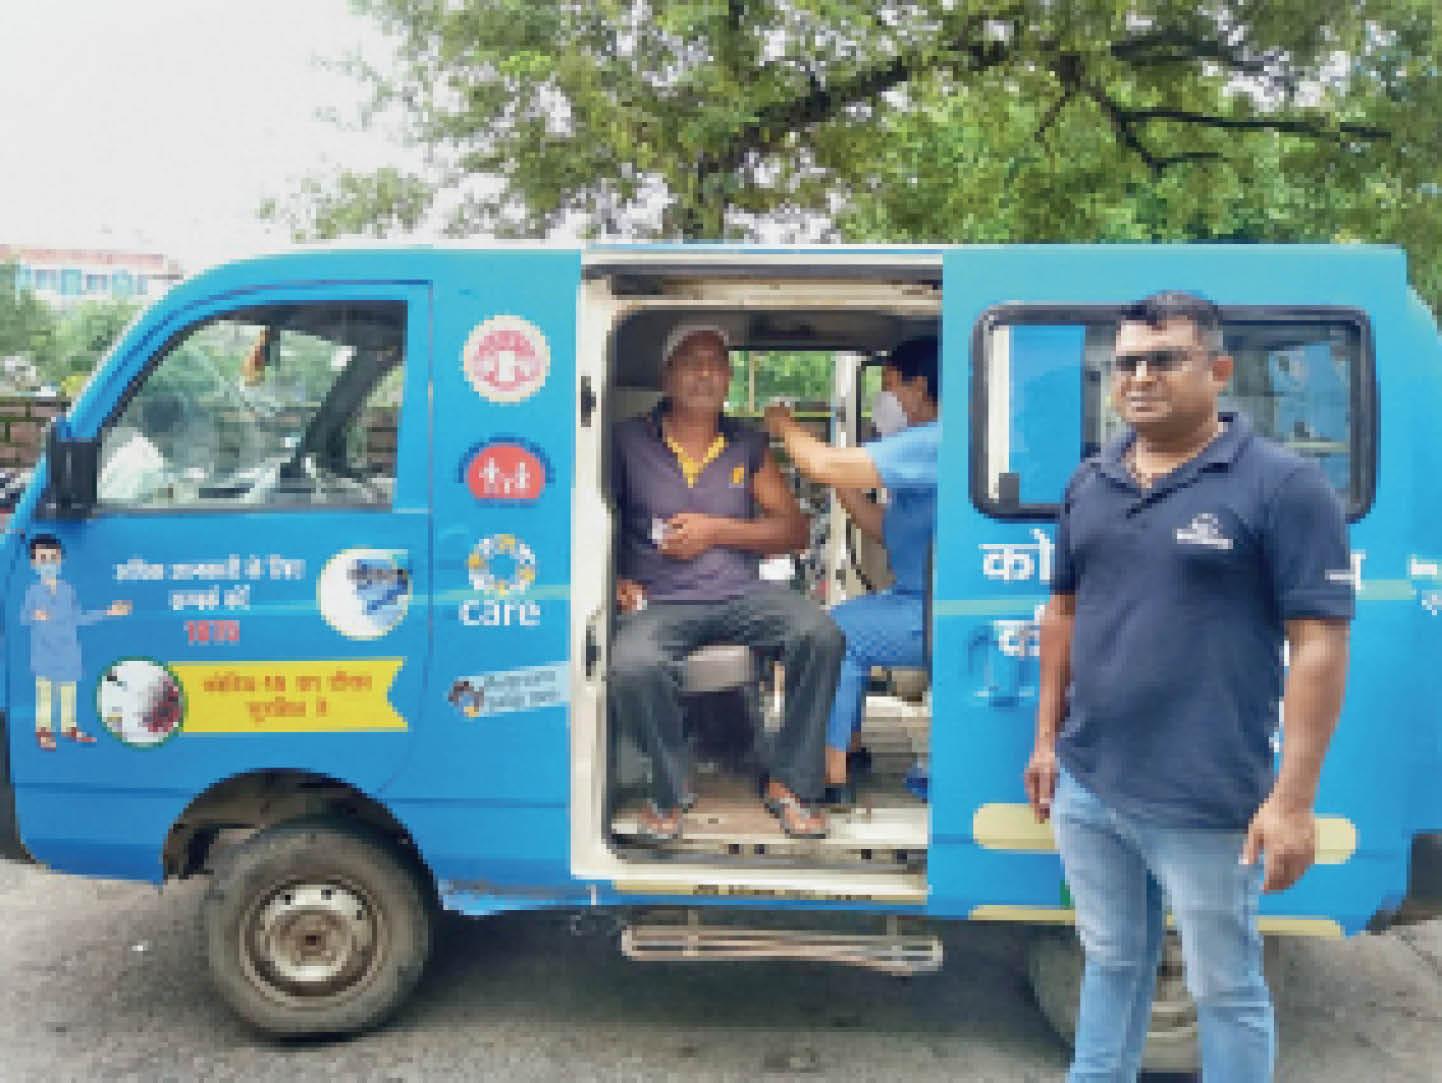 इंदौर ने 122 मोबाइल यूनिट से घर-घर पहुंचाई वैक्सीन, भोपाल में सिर्फ 8 वैन|भोपाल,Bhopal - Dainik Bhaskar